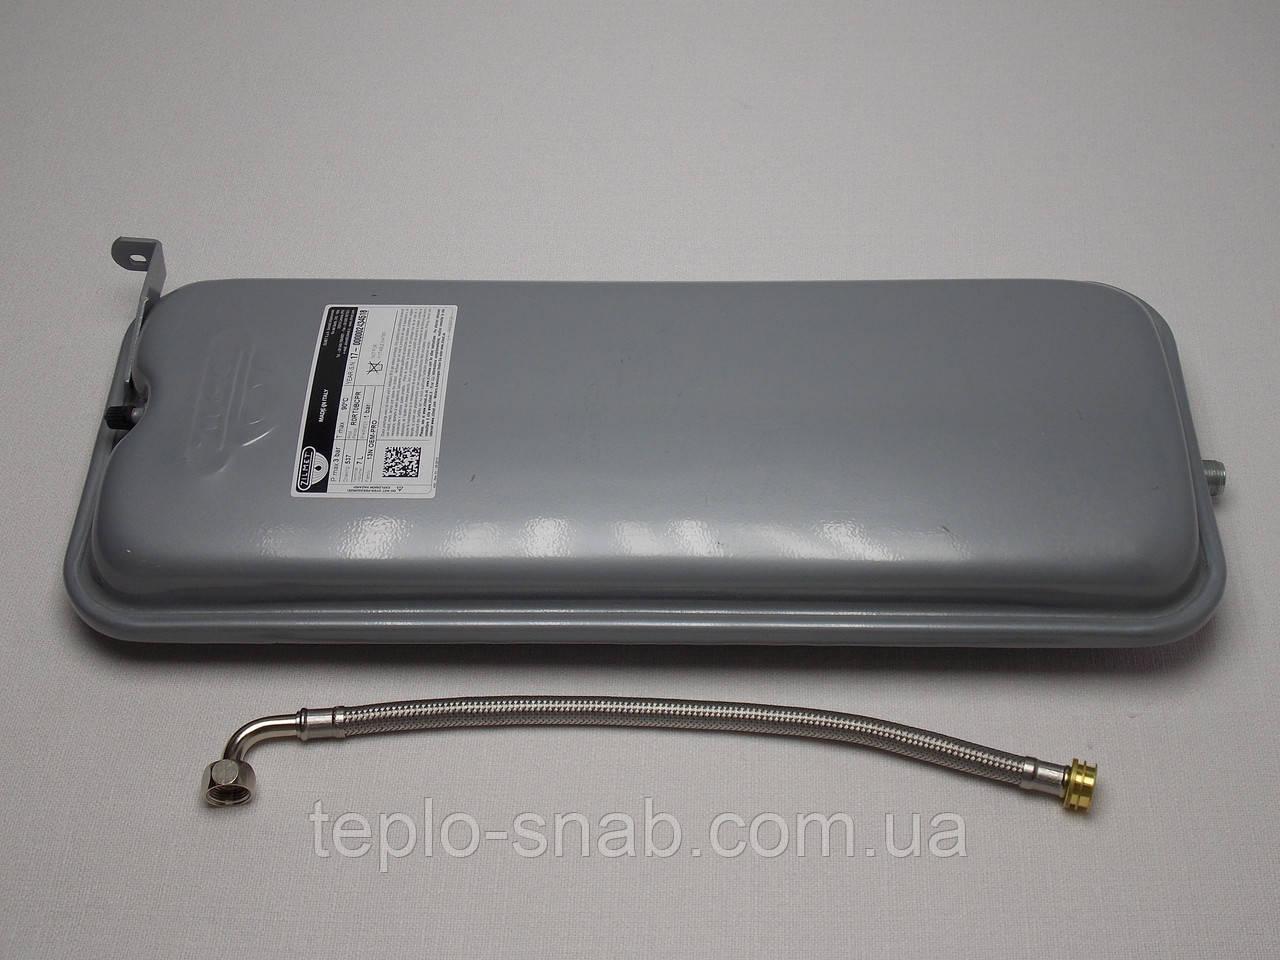 Розширювальний бак прямокутний Ariston Uno турб. версія. 65101719, 995940